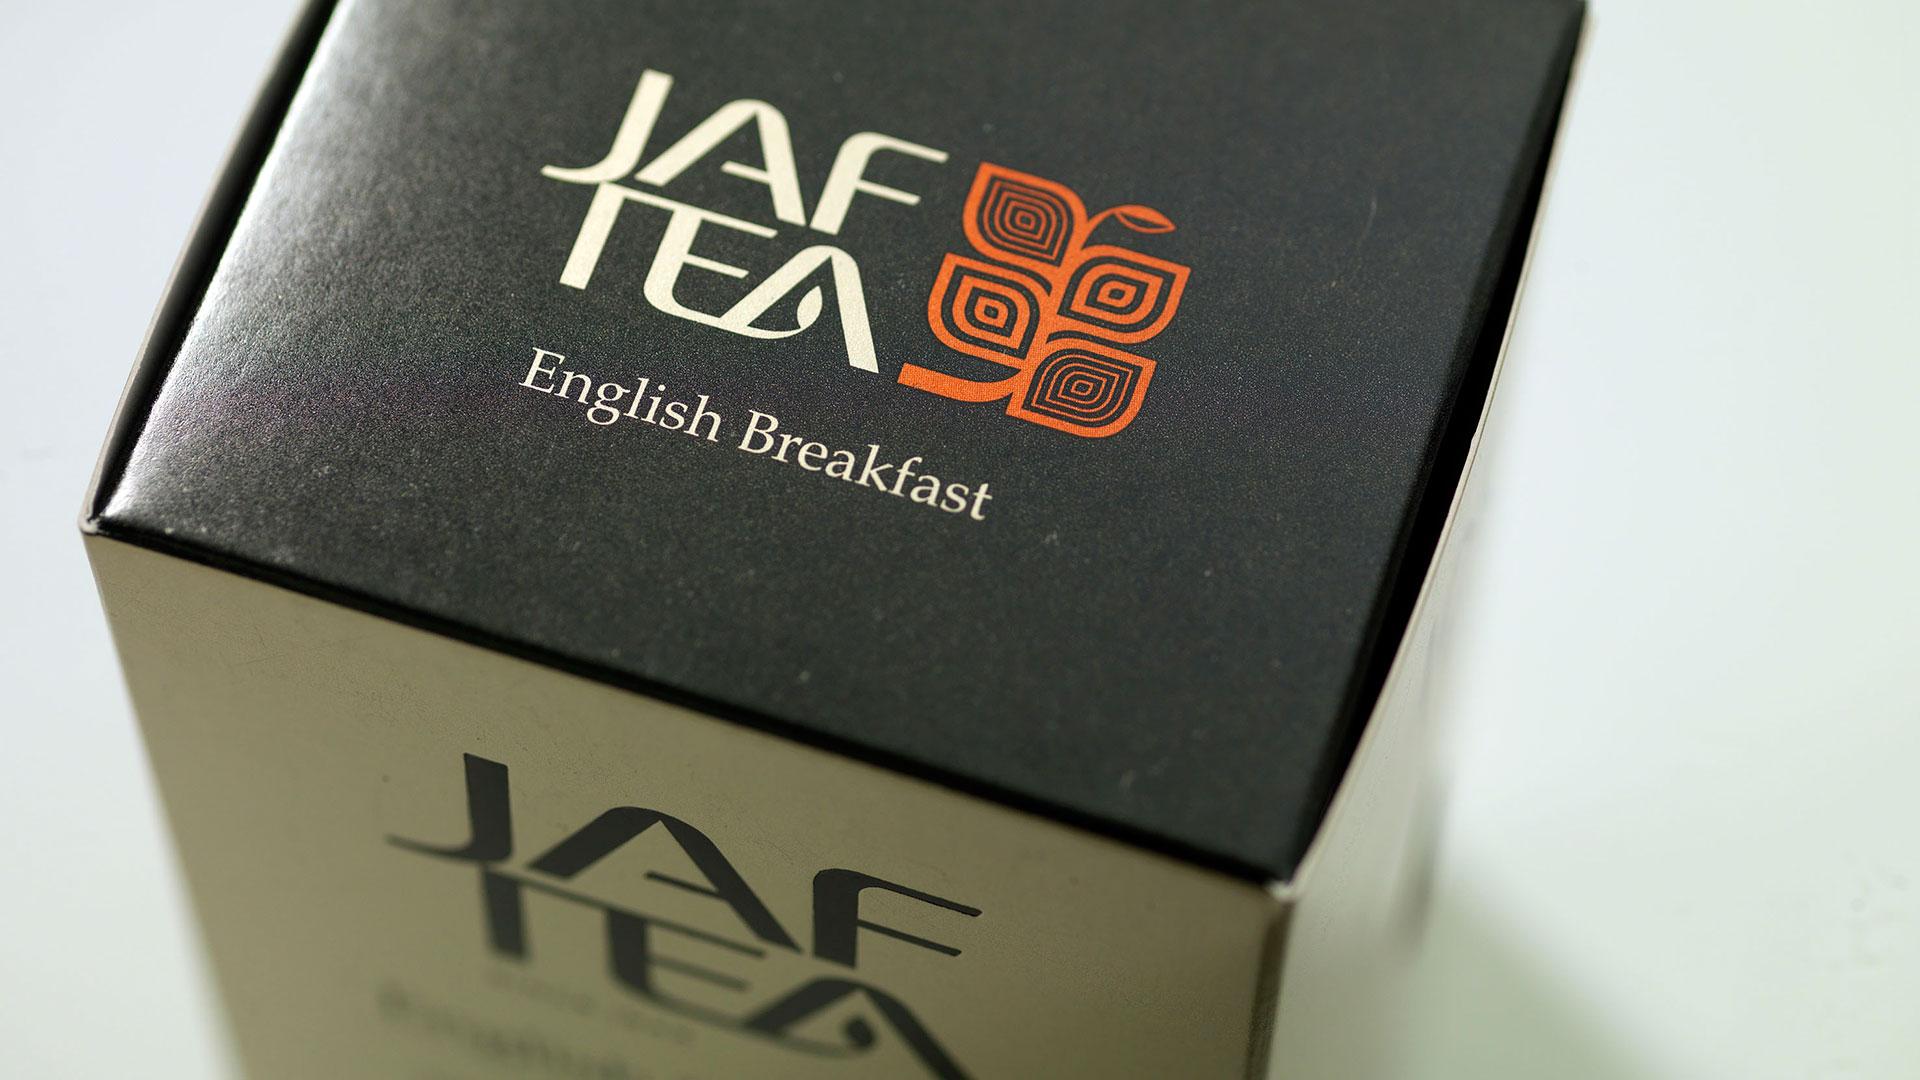 771-jaf-tea-2